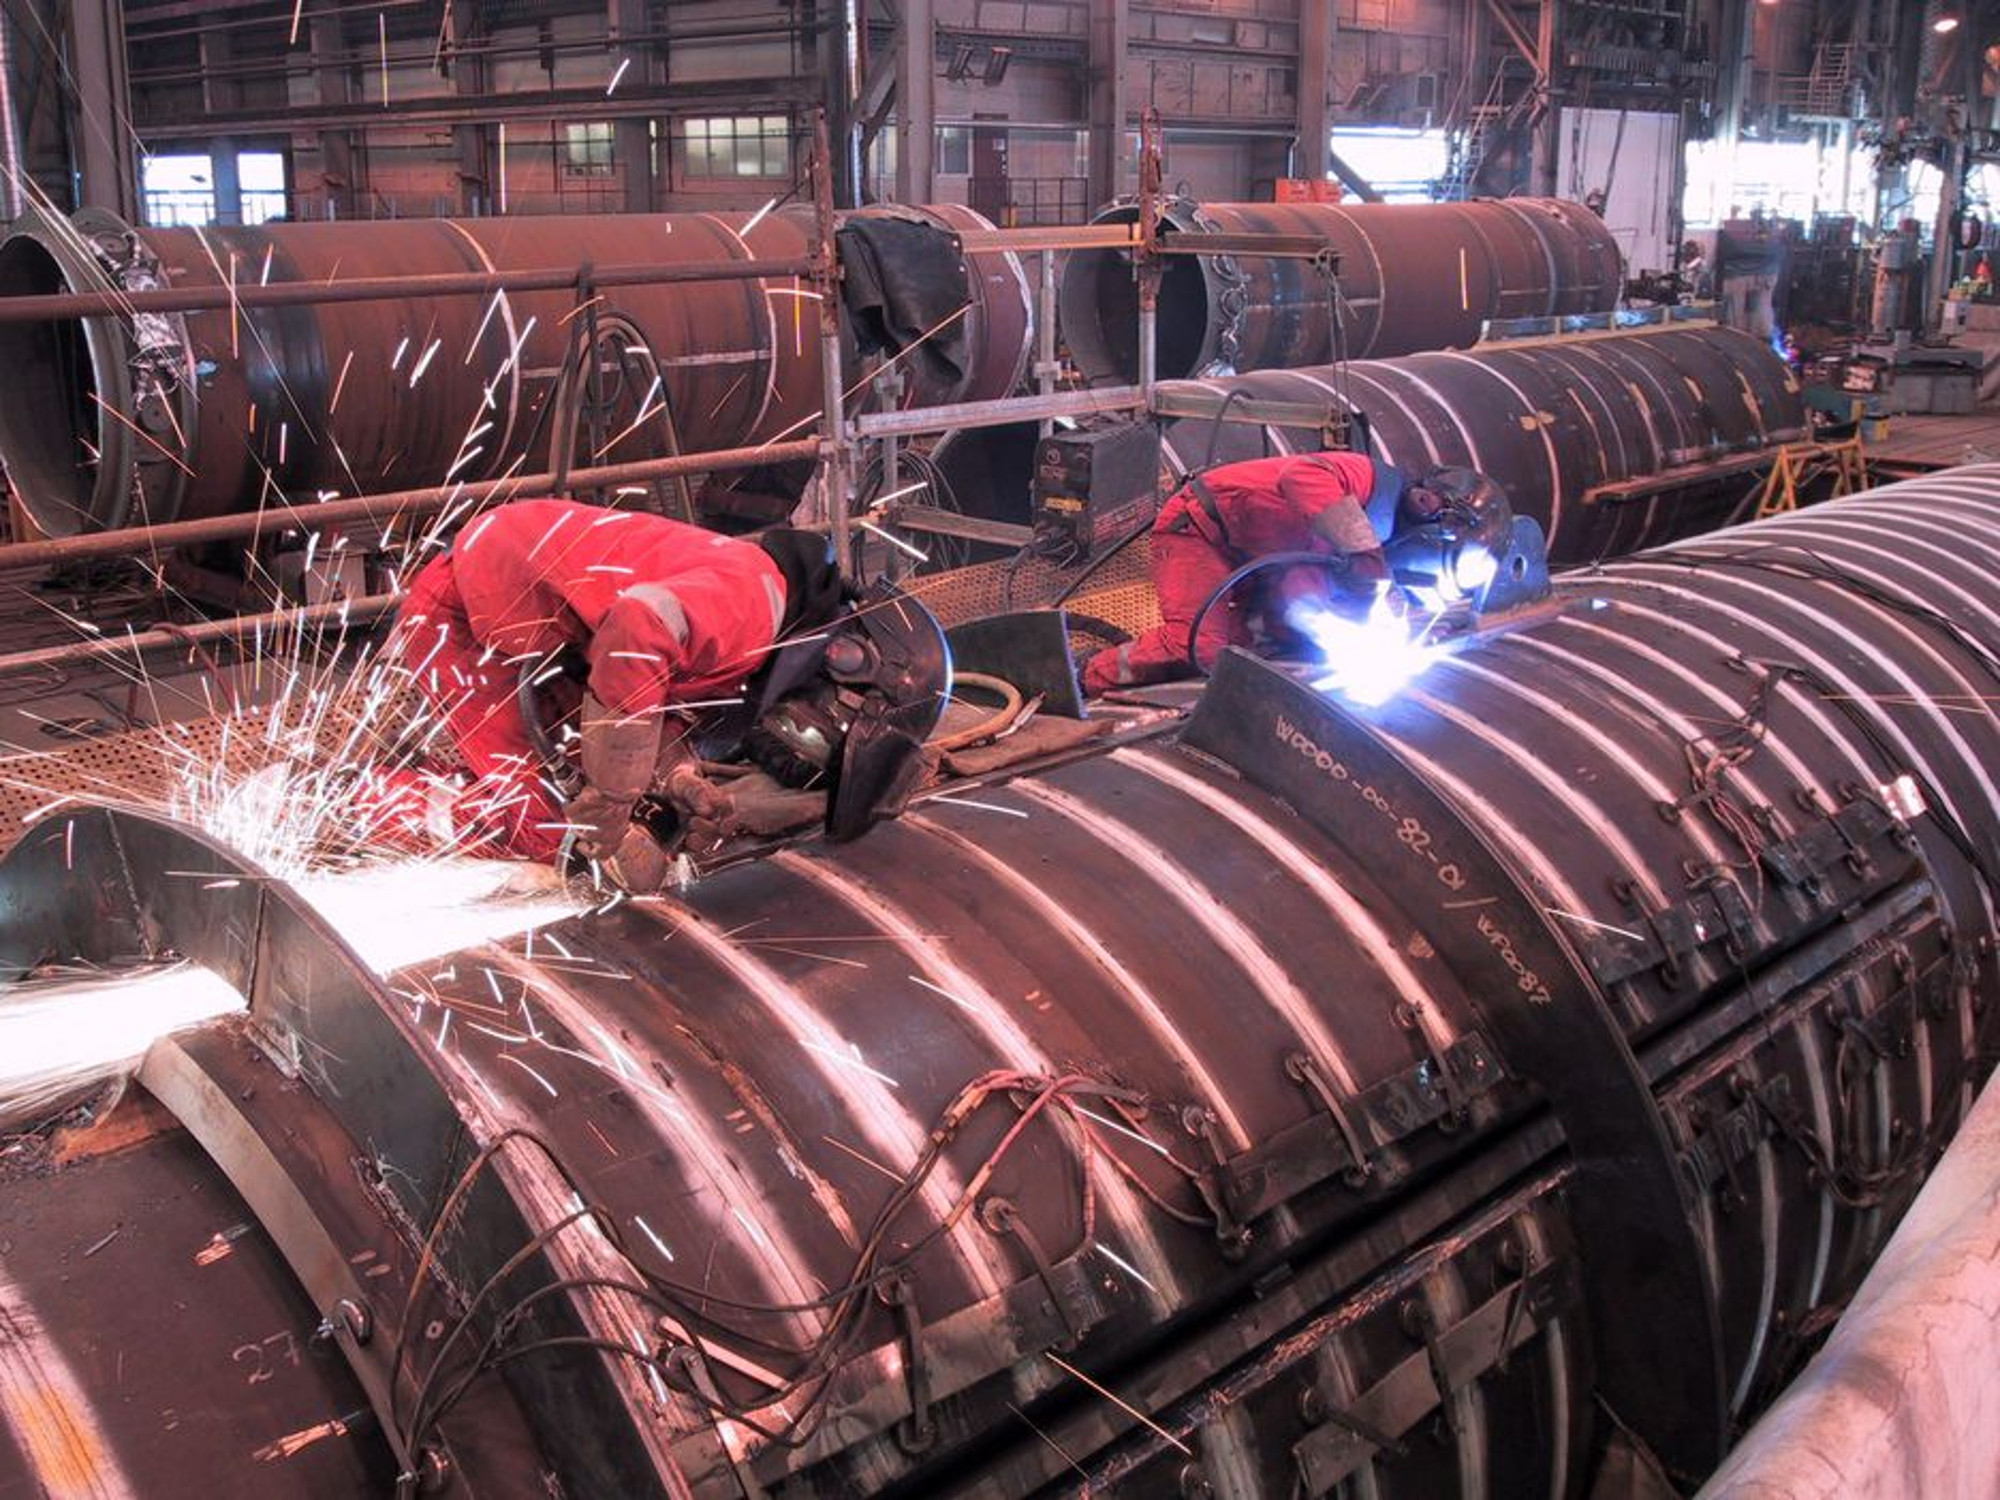 Olje- og gassindustrien trenger alle typer produkter og tjenester. Det gir positive ringvirkninger til alt fra mekaniske verksteder til  malingprodusenter, vevstuer og matleverandører.